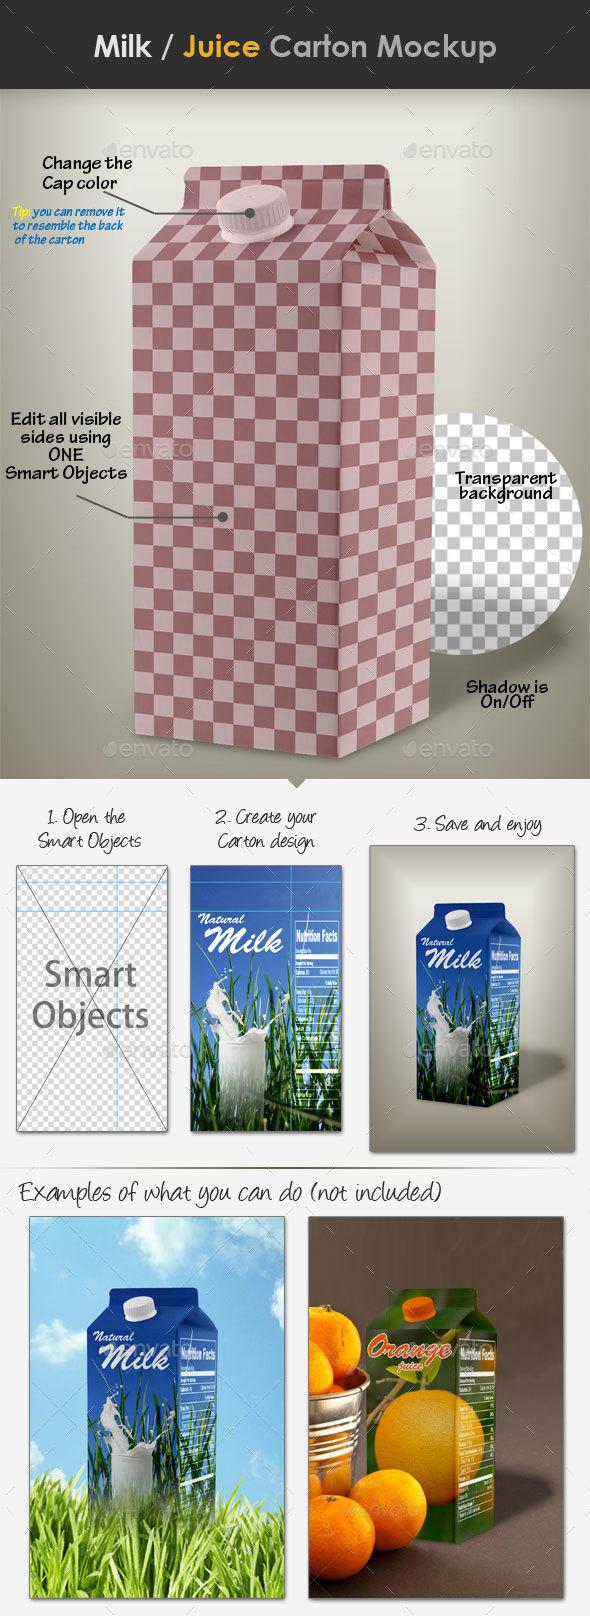 Milk / Juice Carton Mockup - Food and Drink Packaging